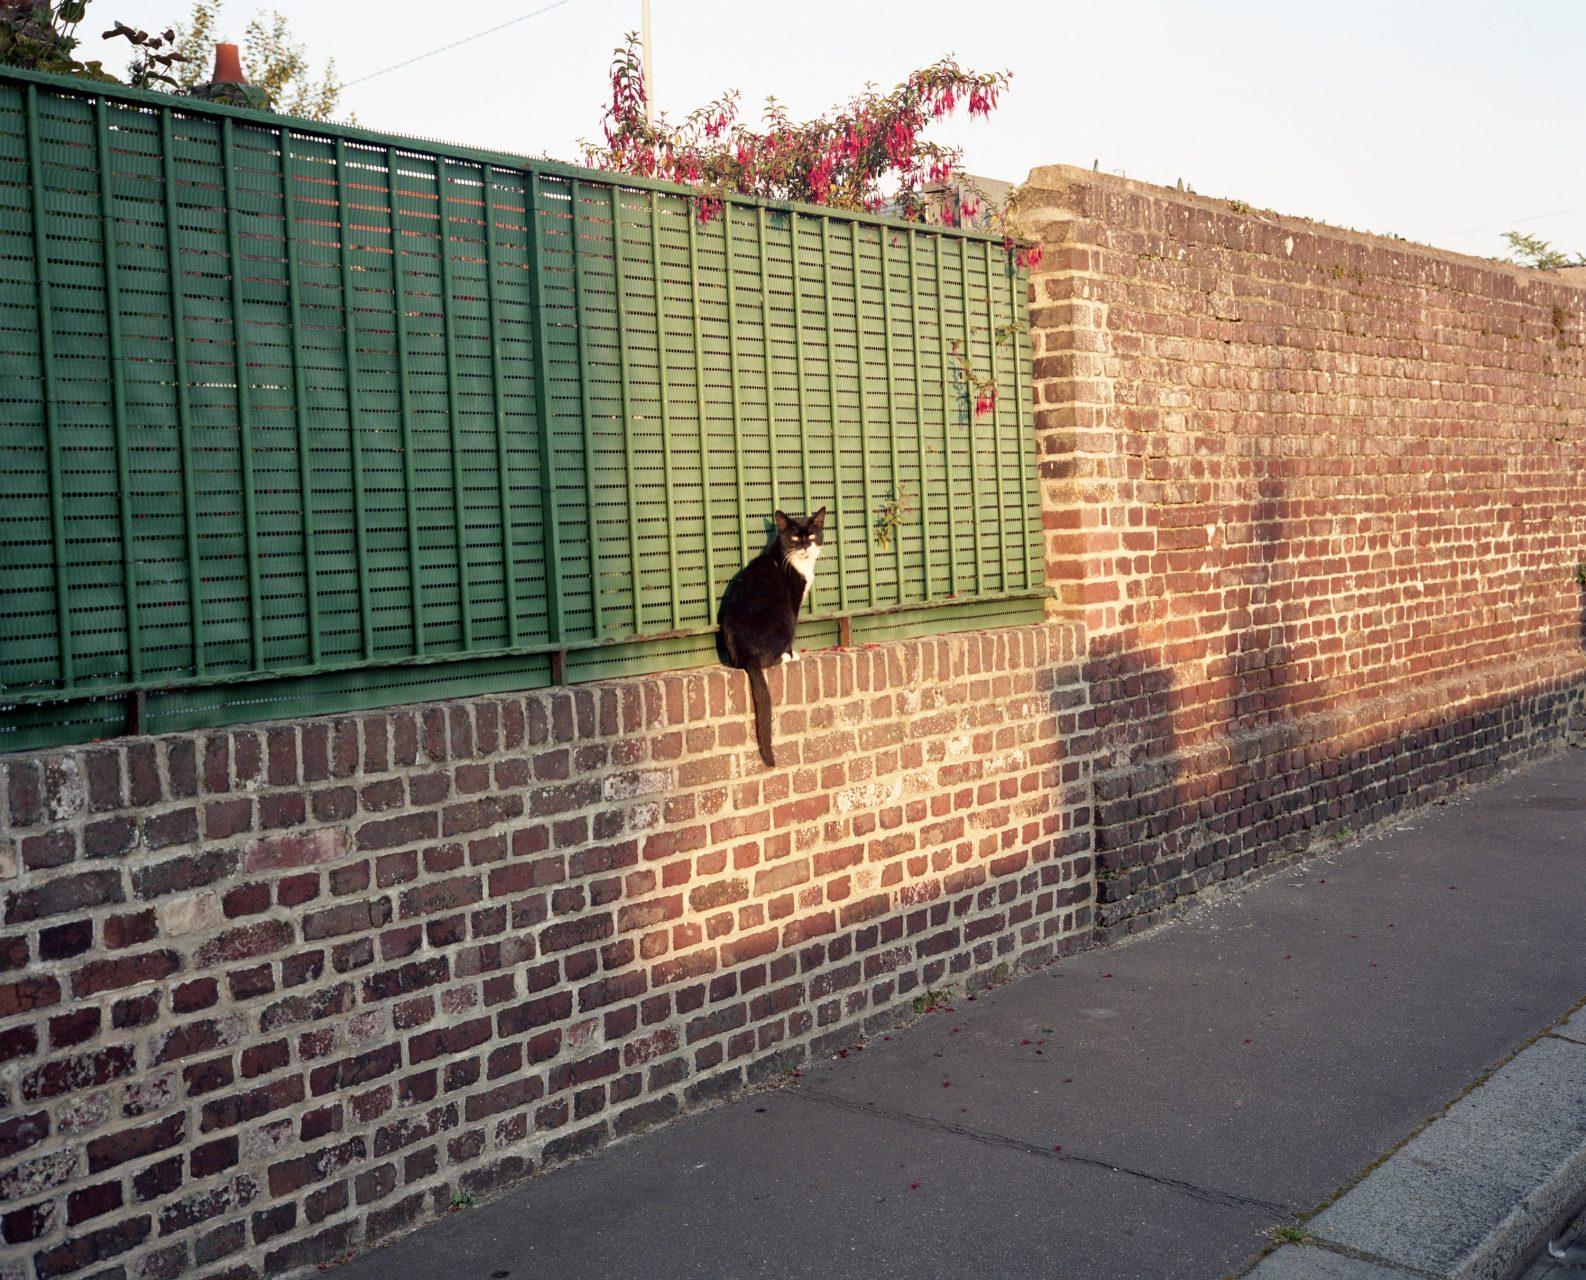 cat on a wall by Takahiro yamashita